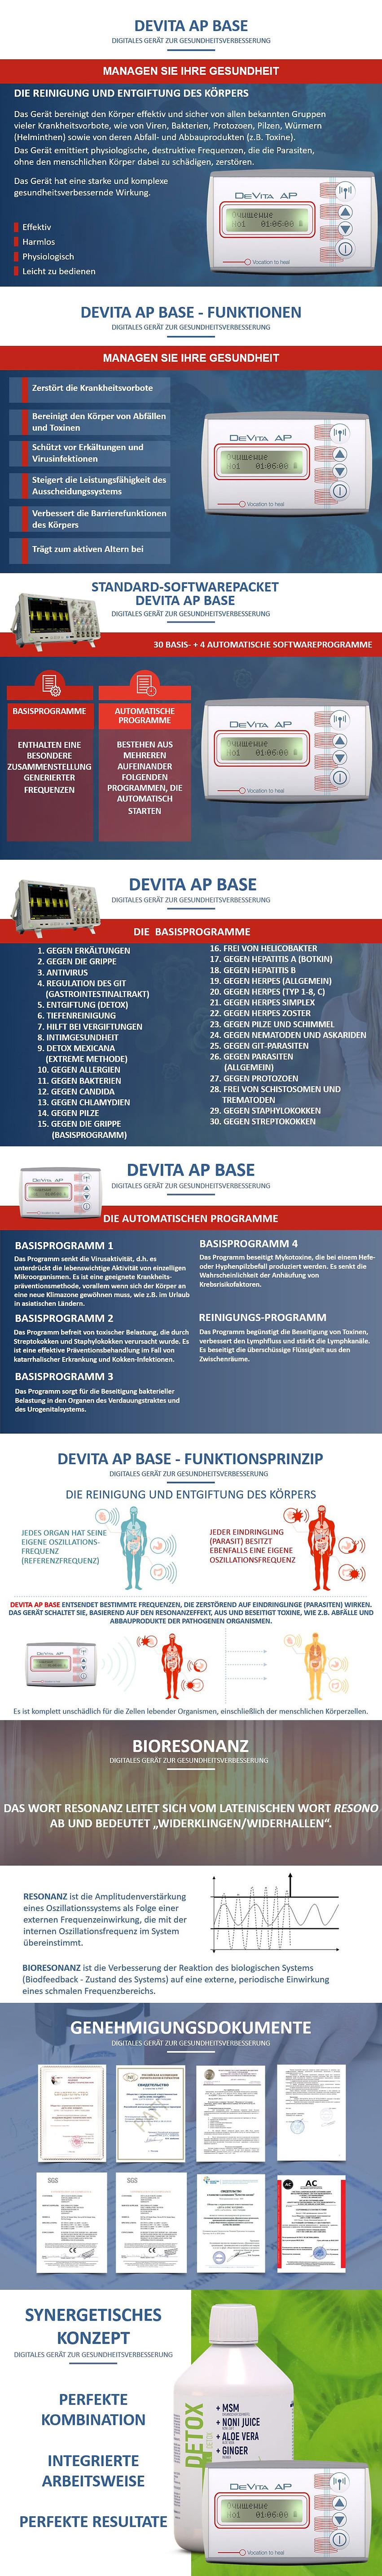 DeVita_AP_base_de_DE.jpg